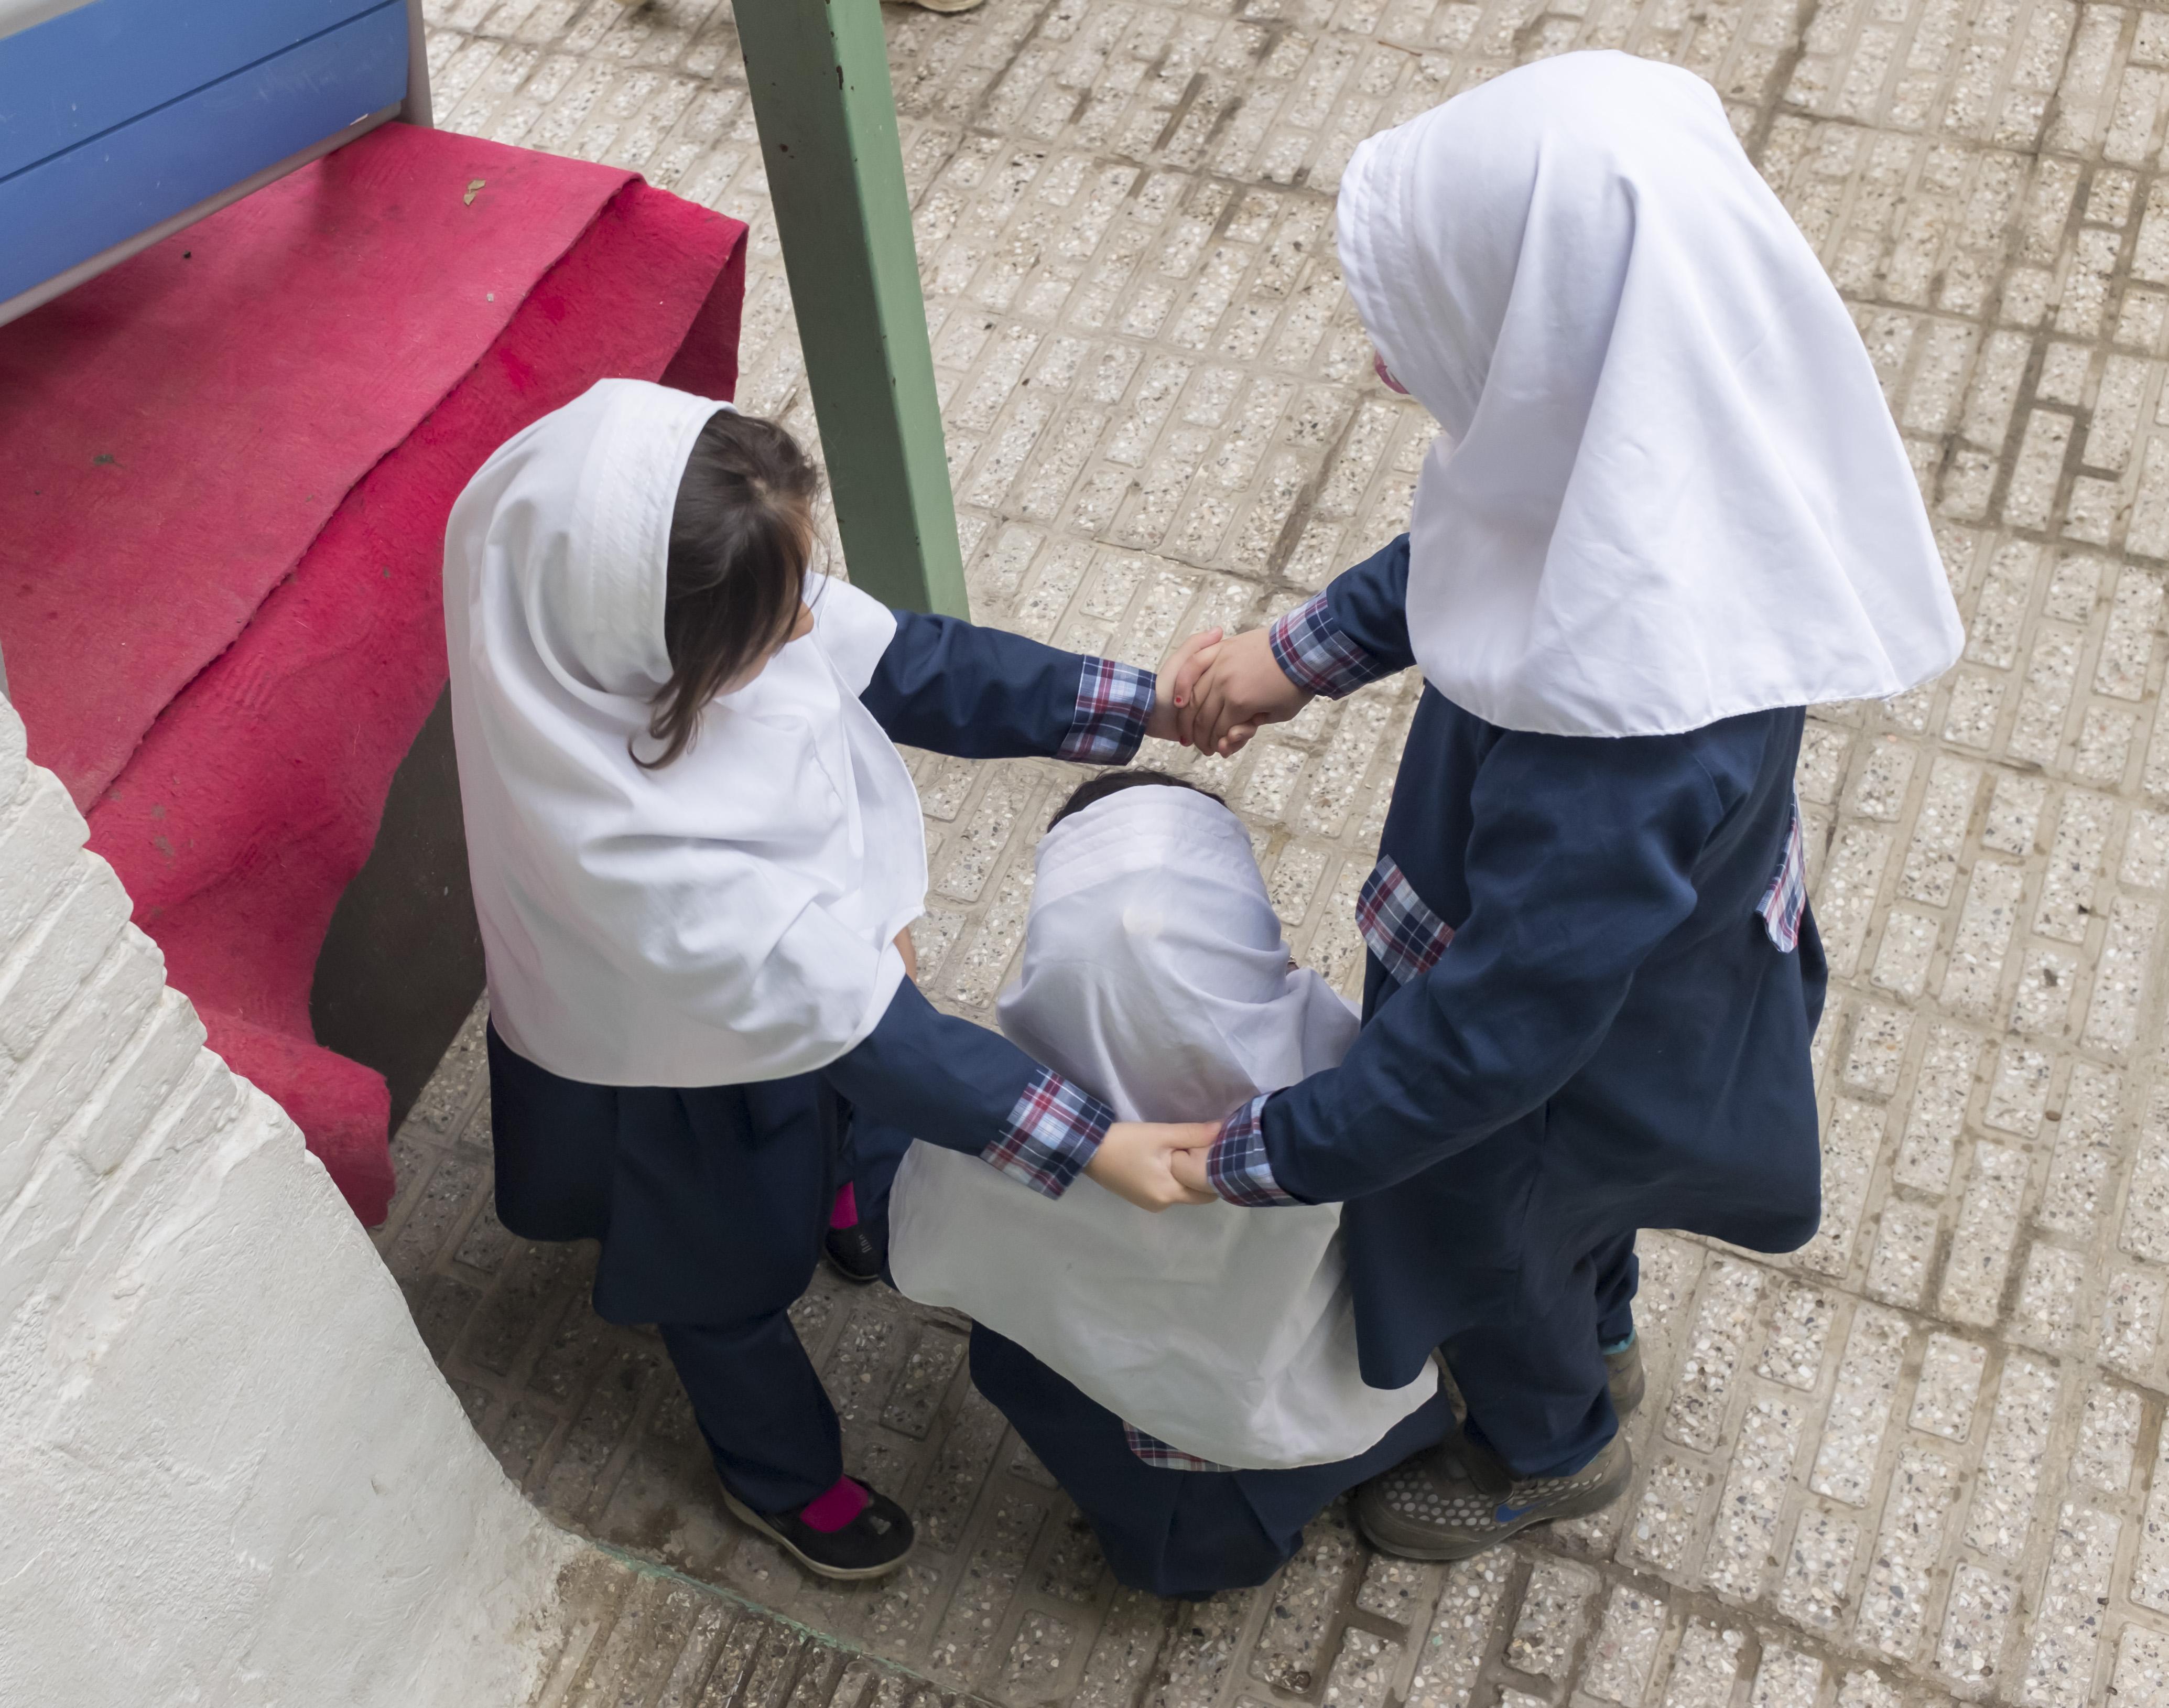 زمان به وقتِ مهرماه پُر امید «مدرسه کودکان کار»/ زیر این سقف «حقِ کودک» بودن را نمی گیرند، هدیه میدهند